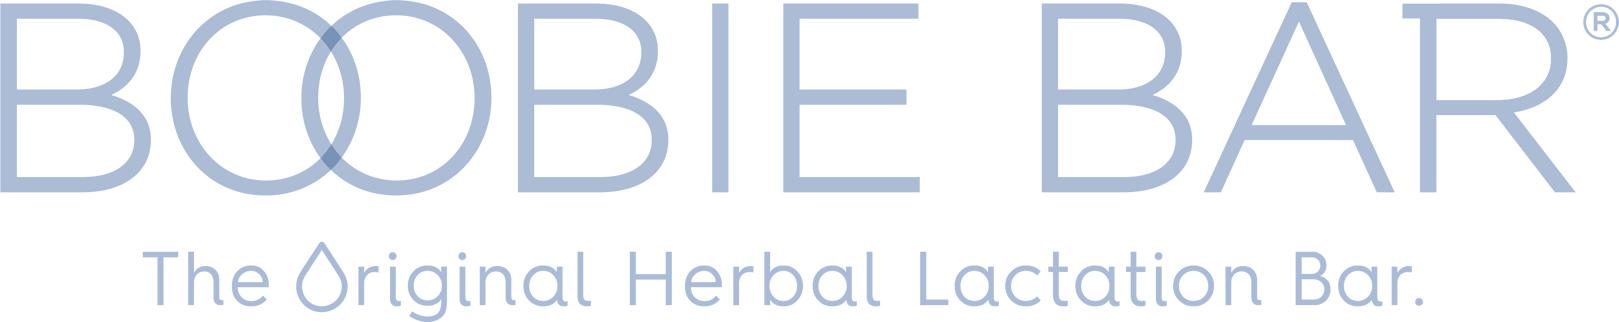 boobie-bar-lactation-bar-logo.png